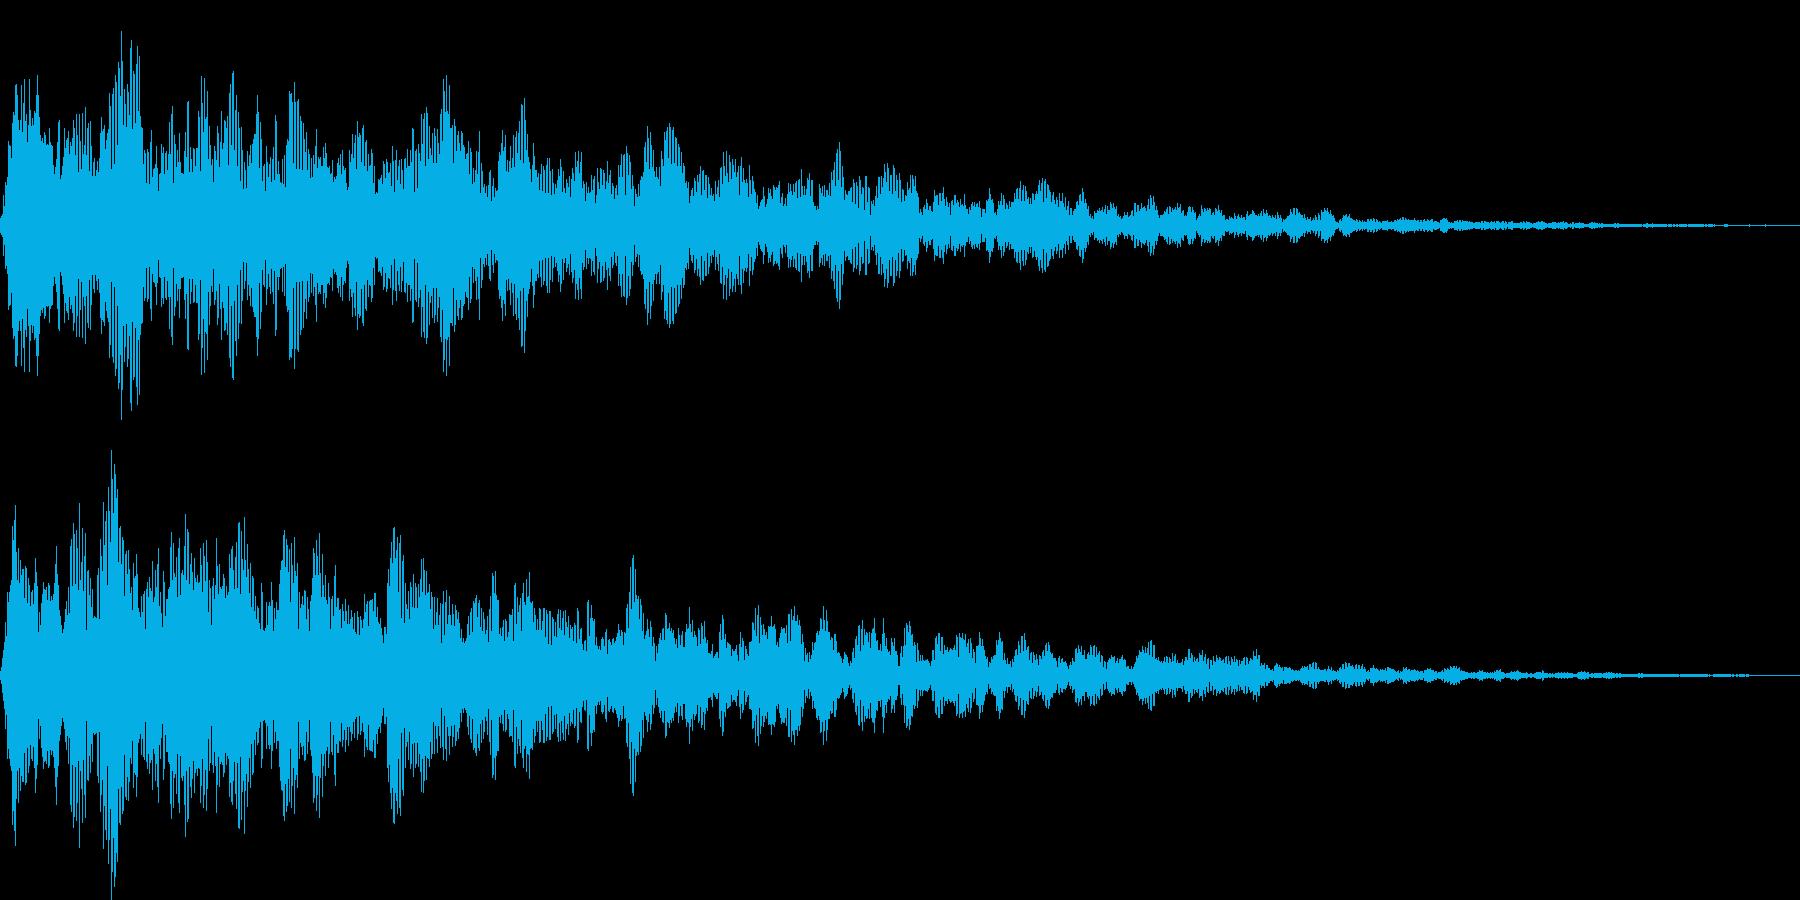 アンビエント系サウンドロゴの再生済みの波形